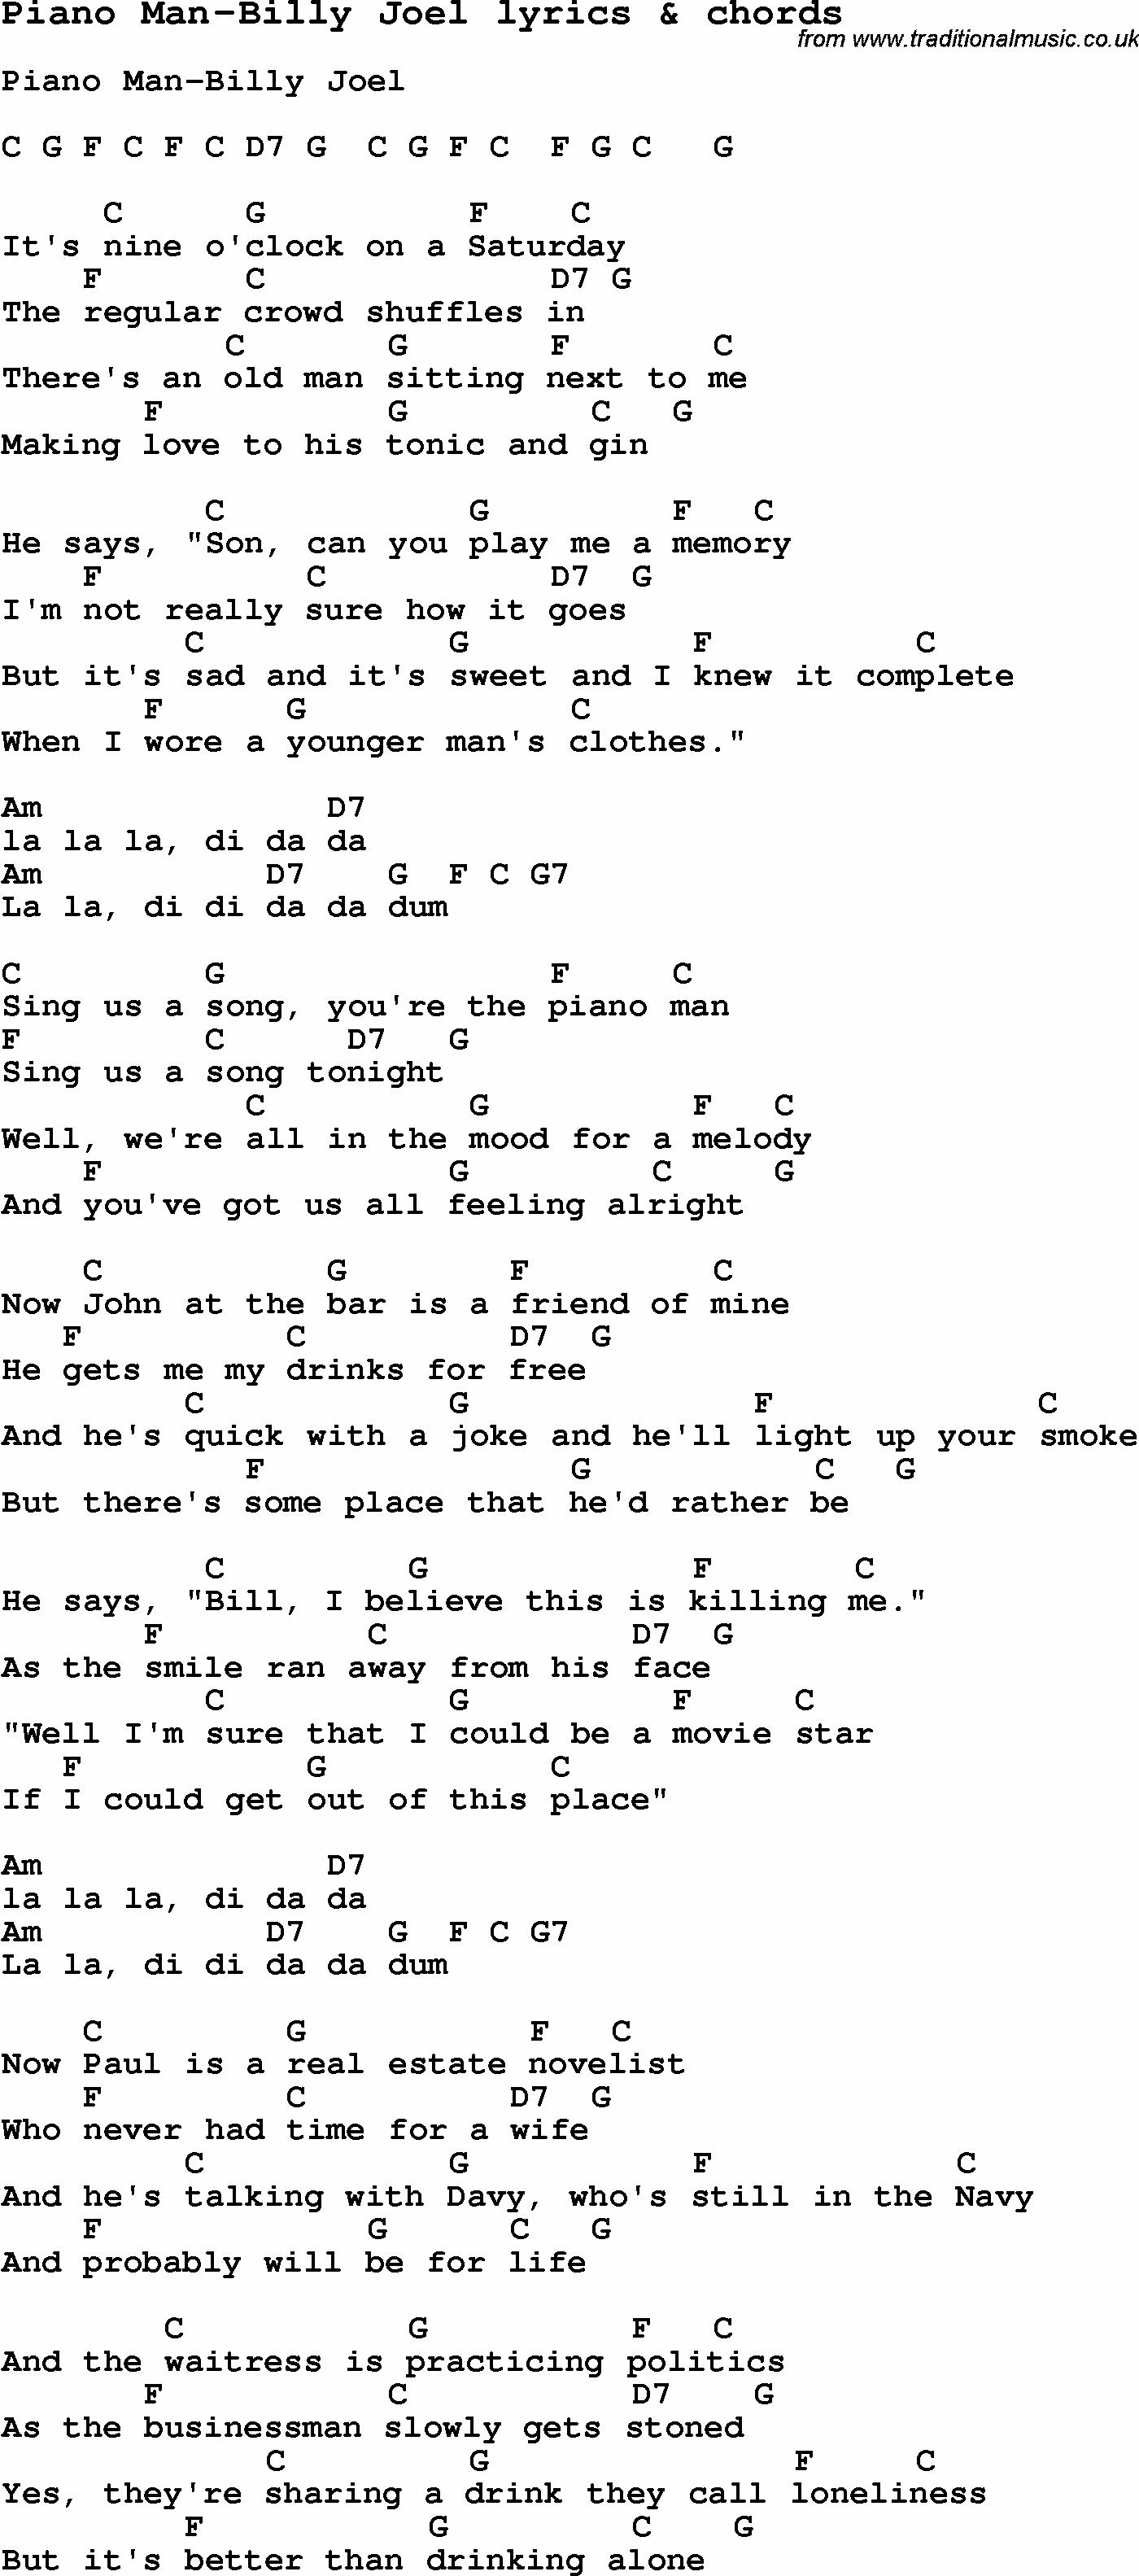 love song lyrics for piano man billy joel with chords for ukulele guitar banjo etc. Black Bedroom Furniture Sets. Home Design Ideas